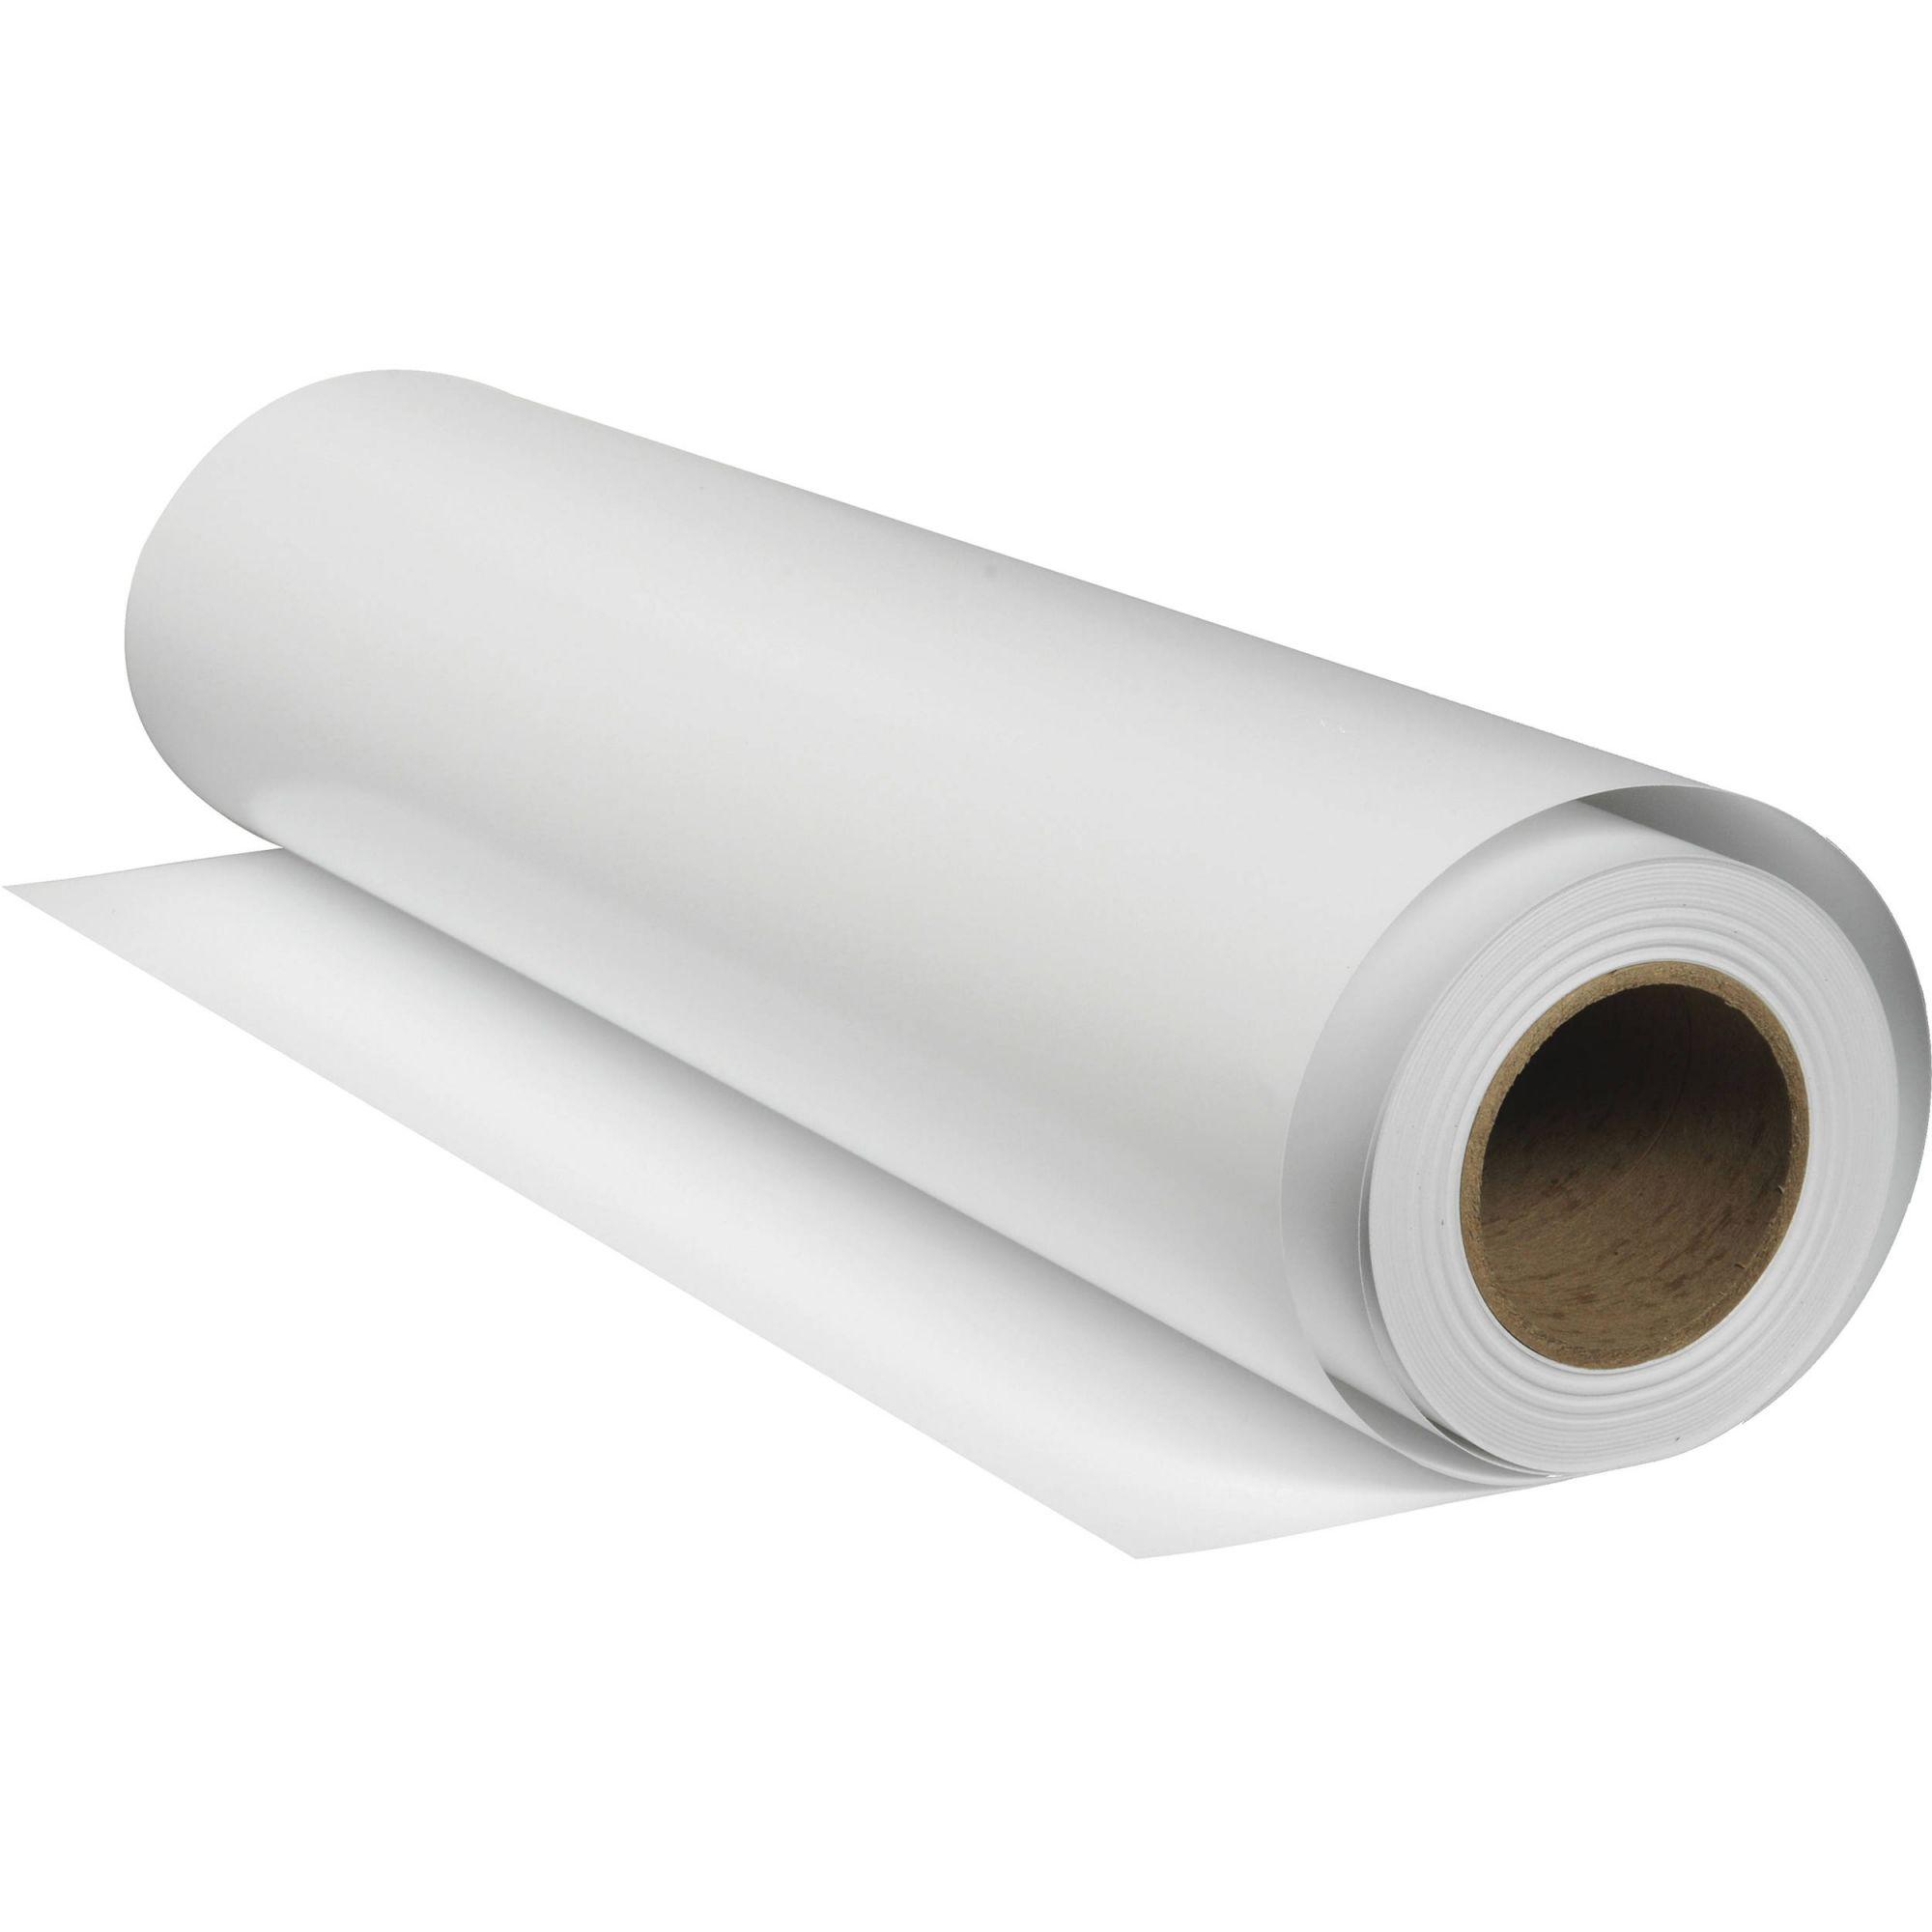 OBM Silk - Sublimação e Recorte em Plotter - 46 cm